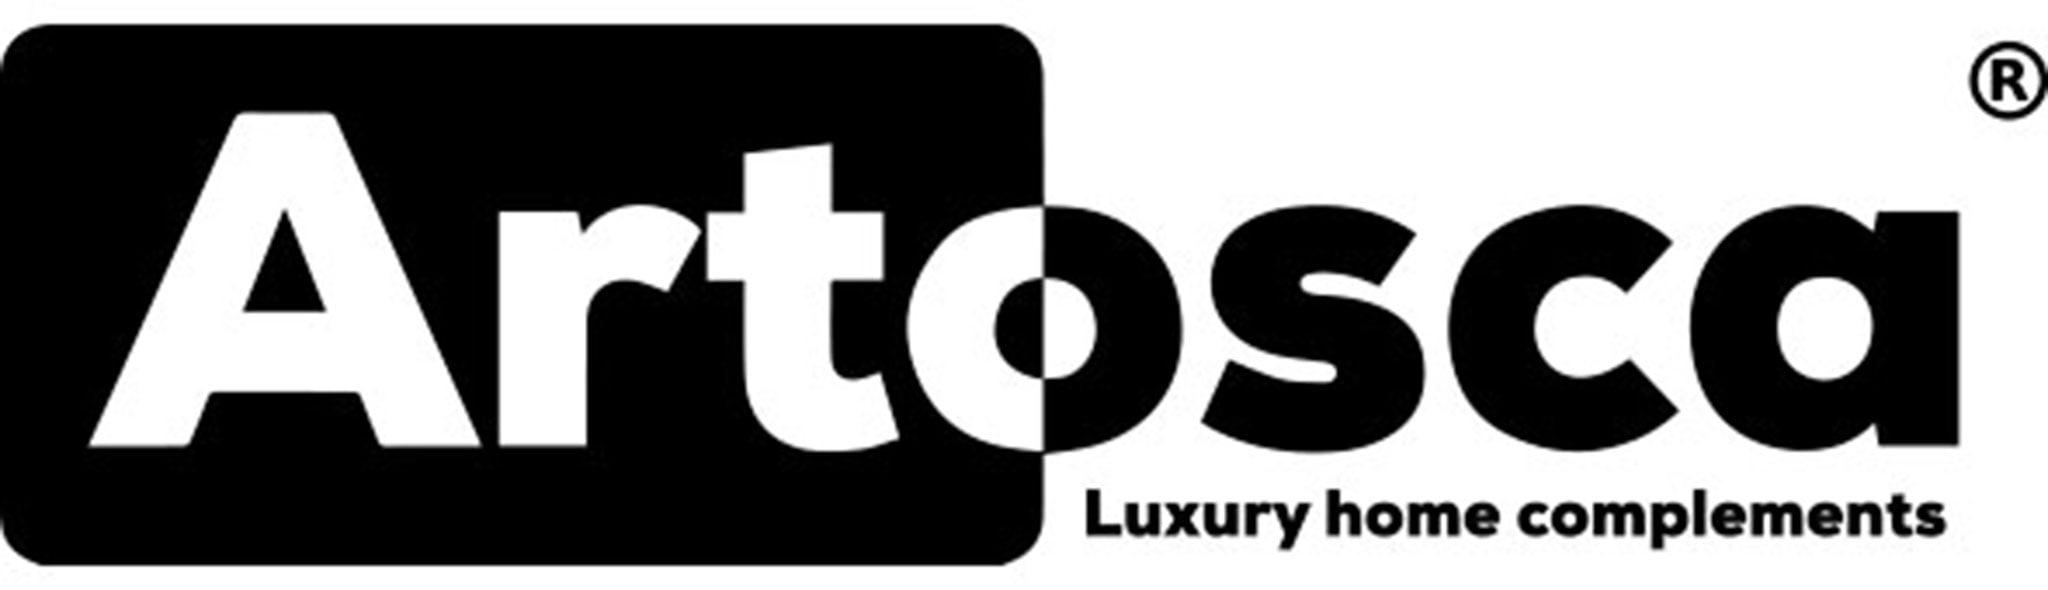 Logotipo de Artosca